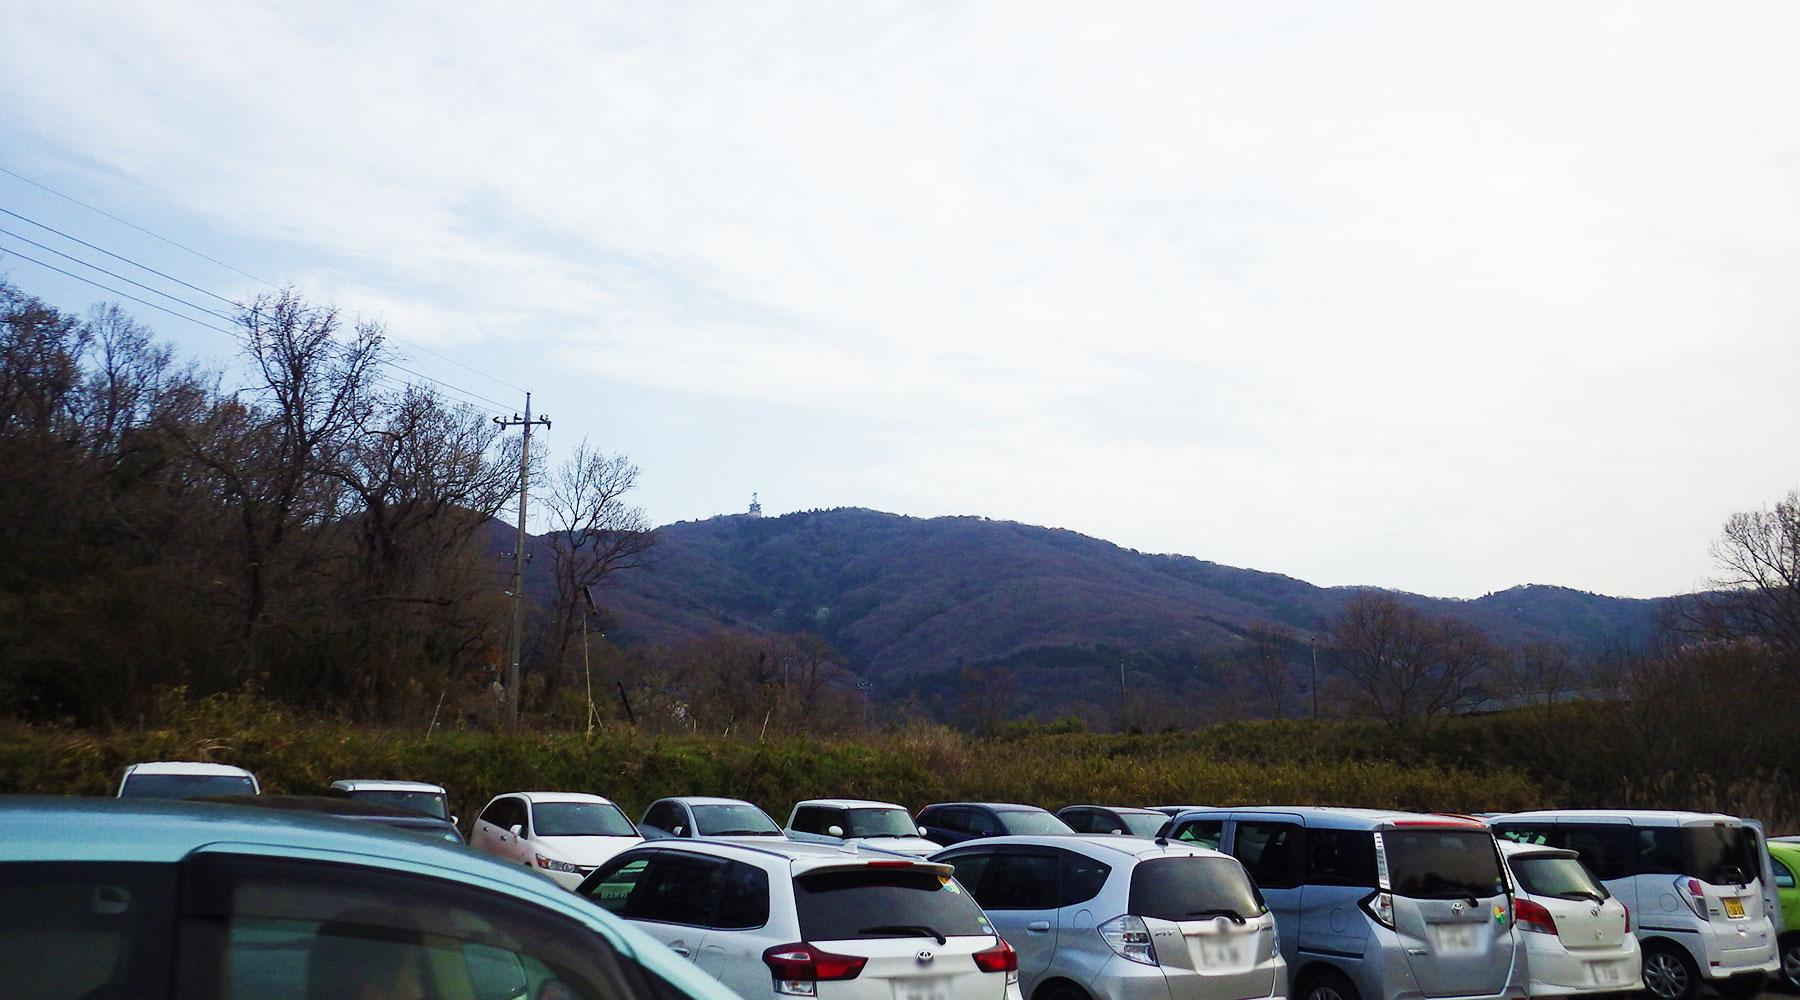 駐車場から見る宝篋山山頂の電波塔